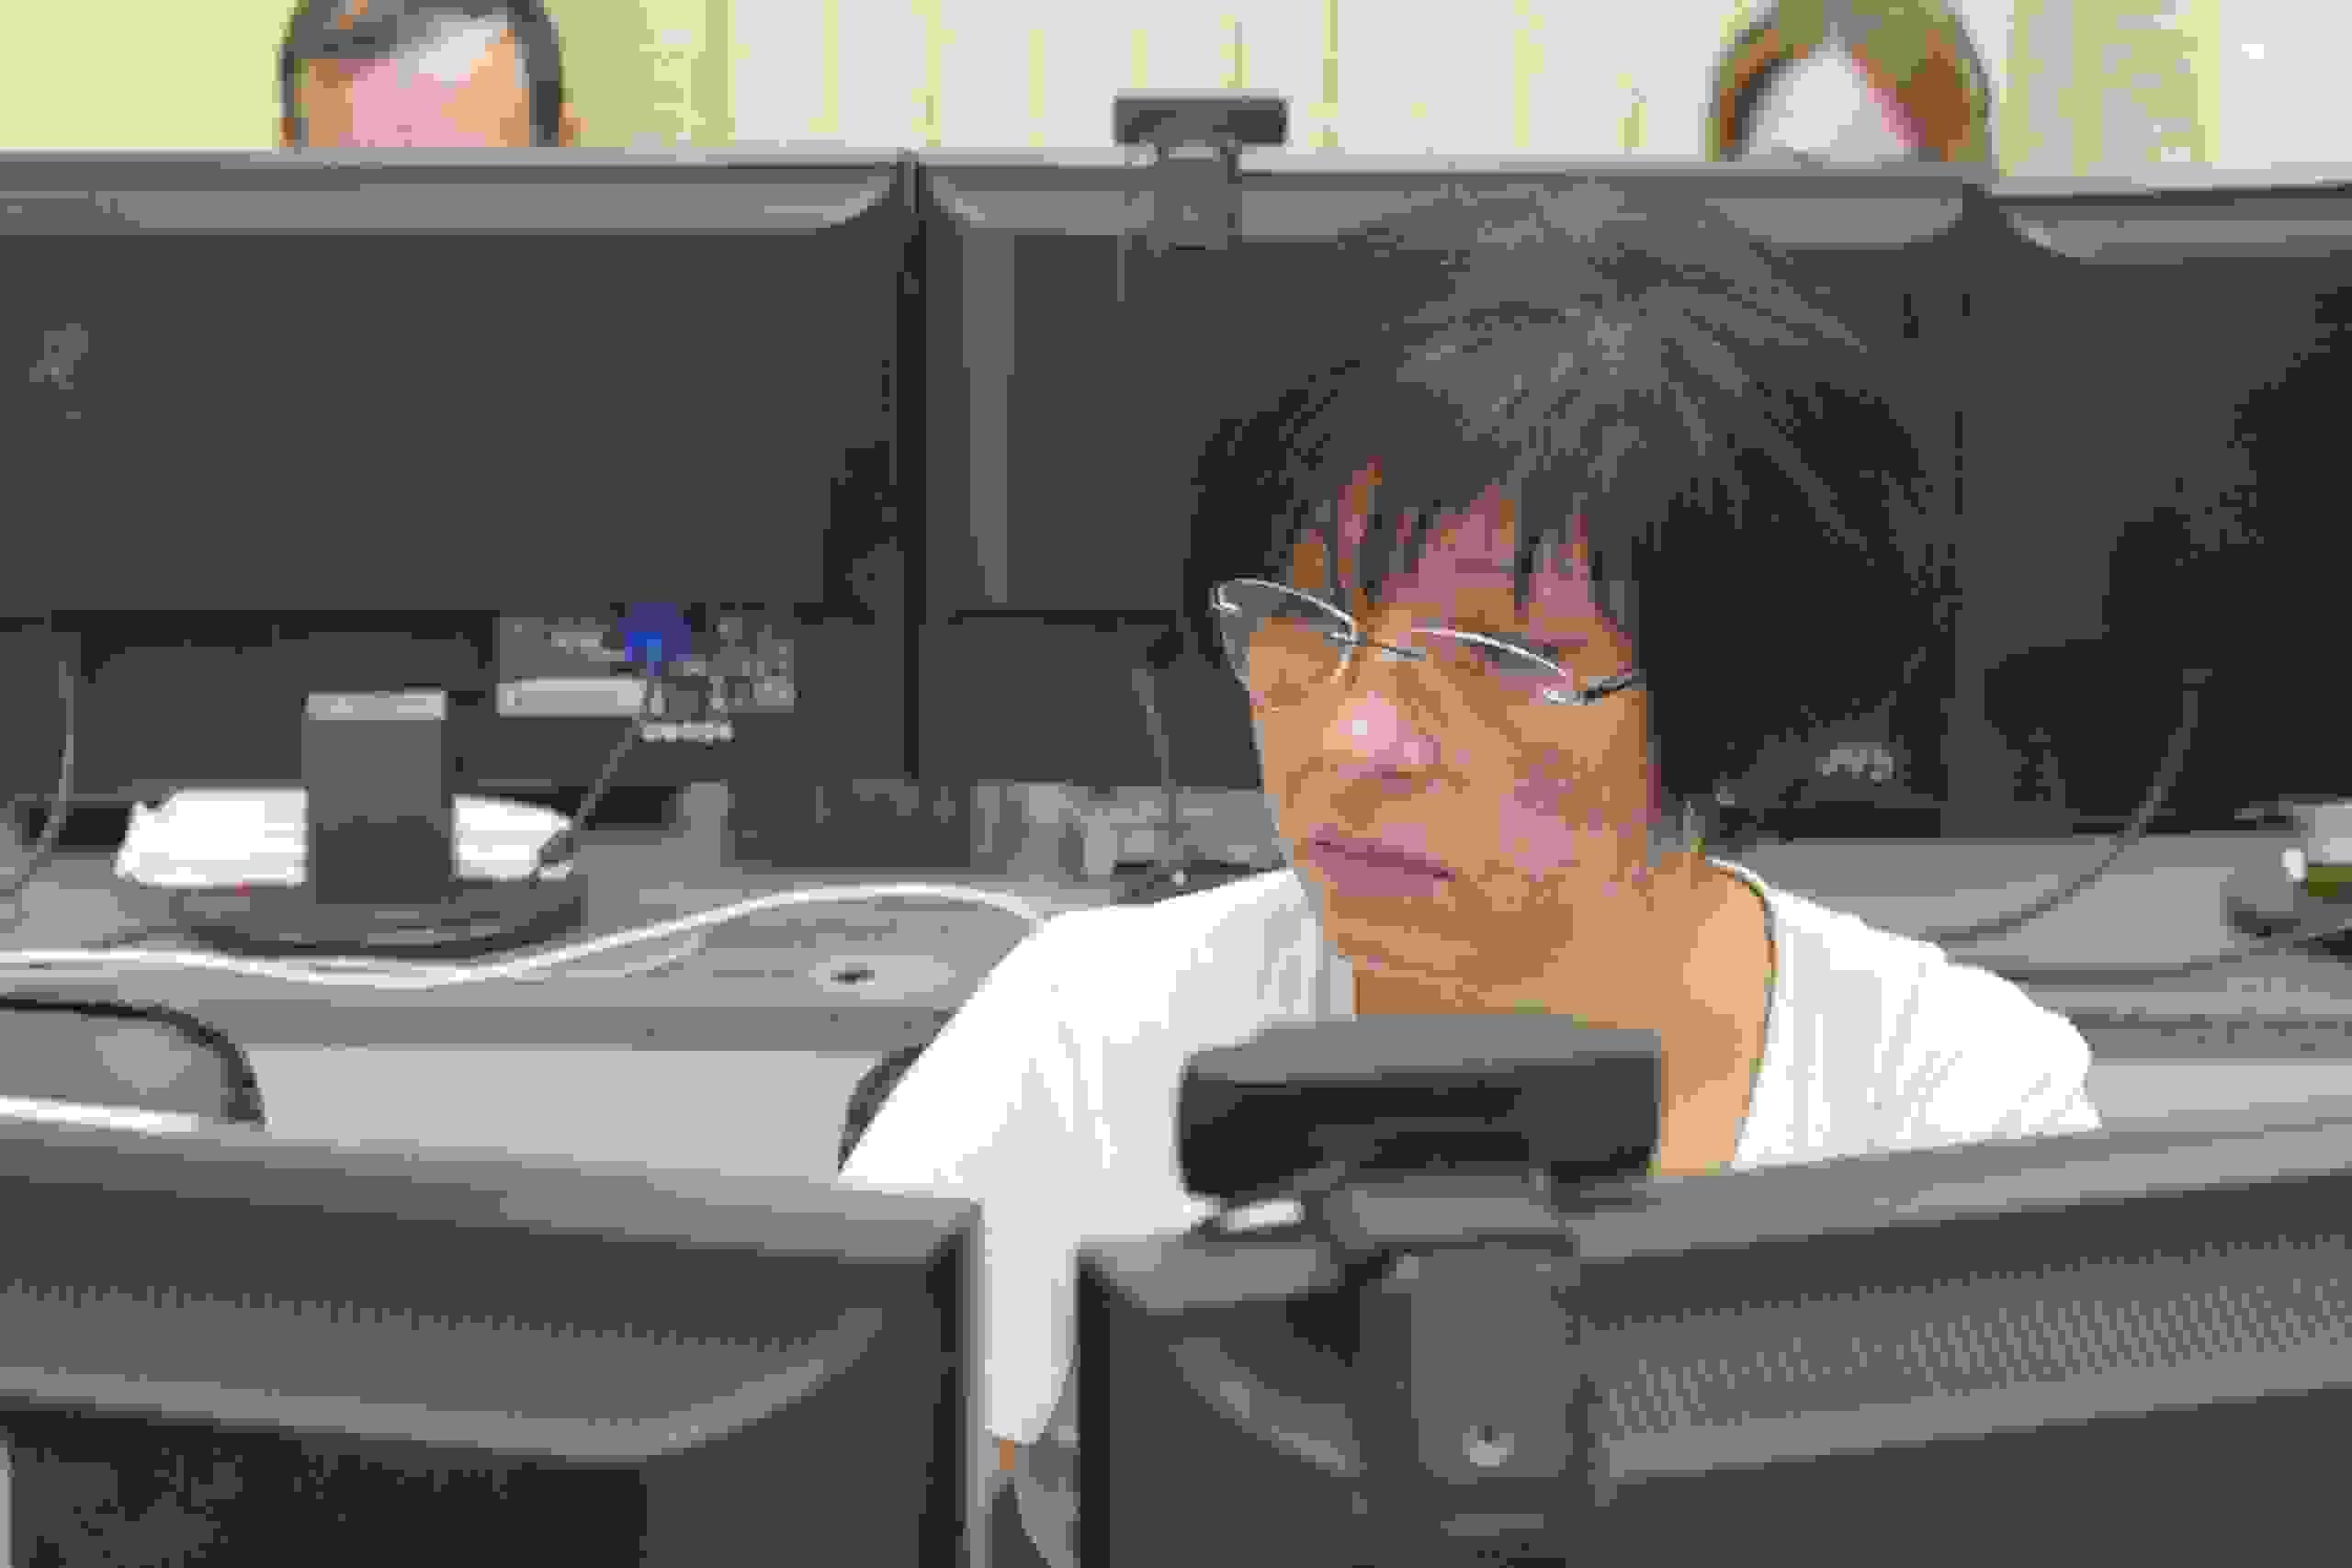 Новороссийск под прицелом видеокамер: интересные факты